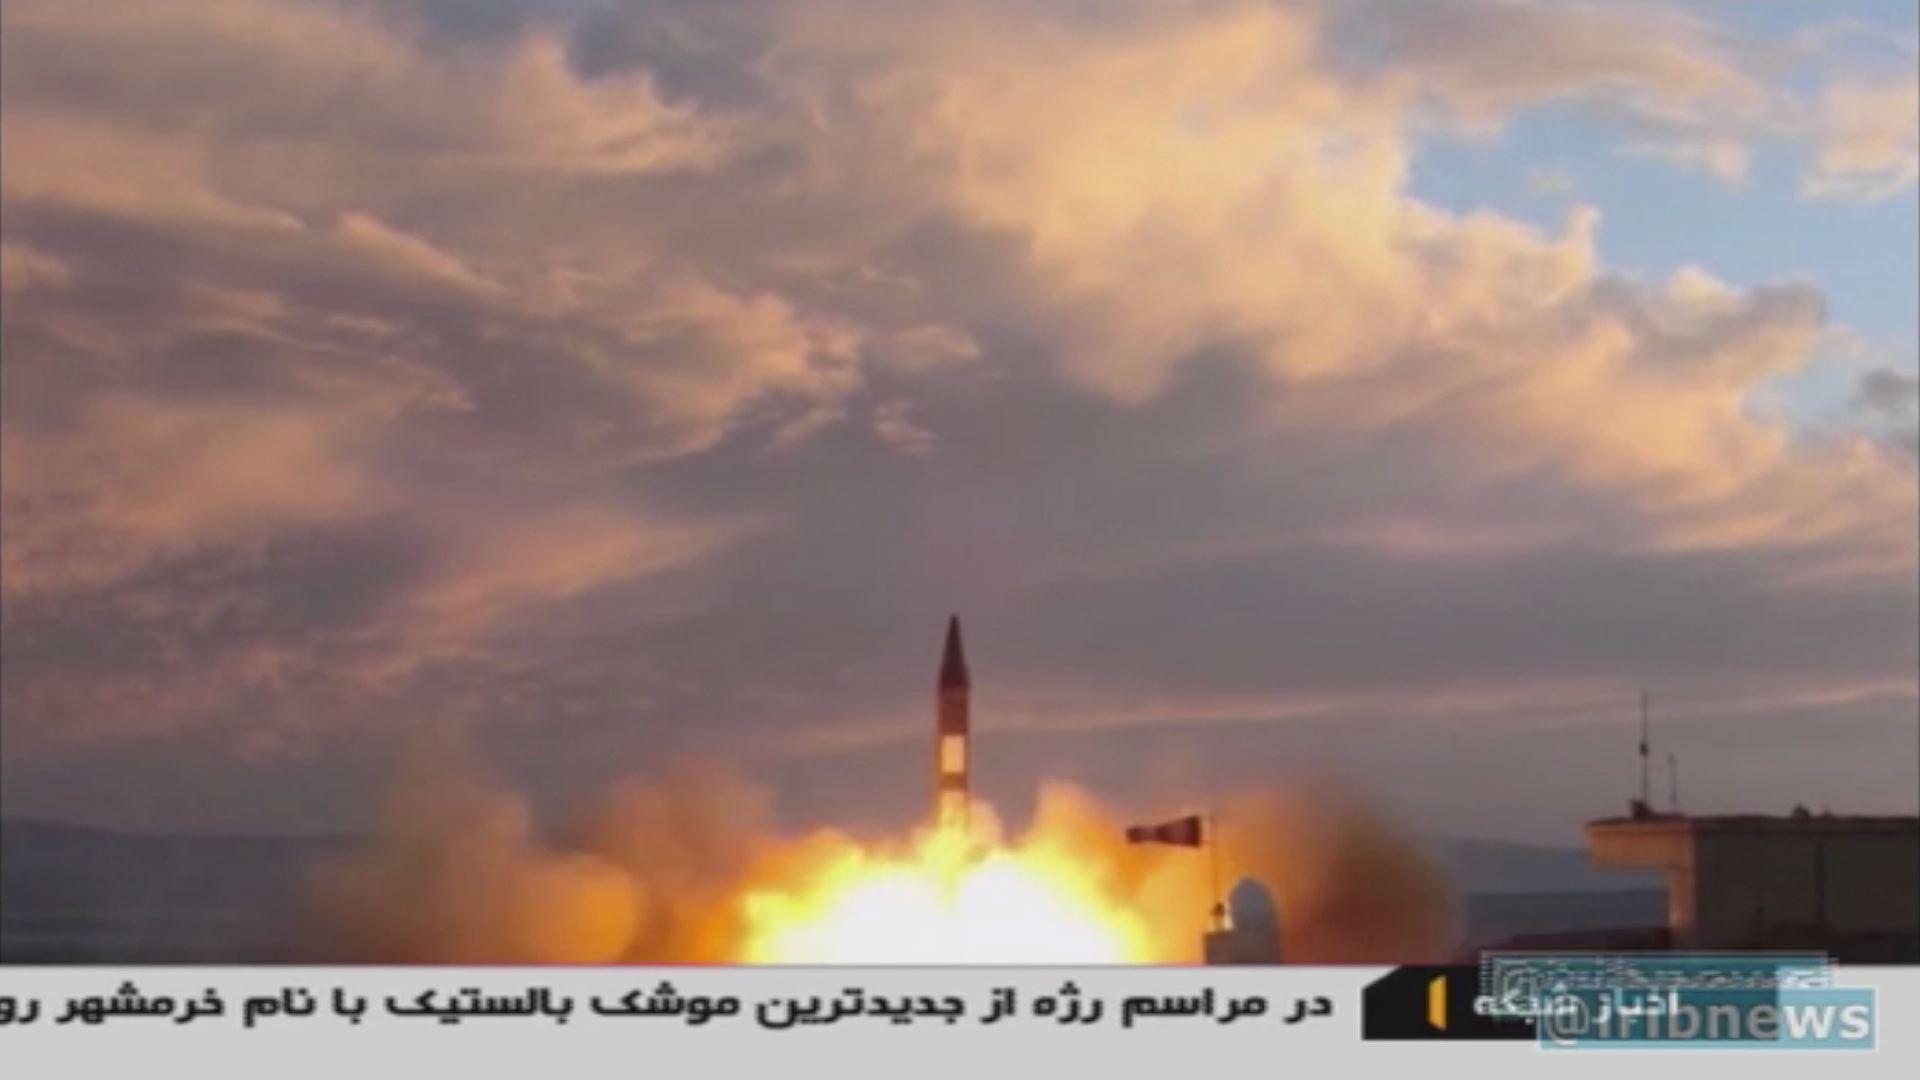 Kamu lehetett az iráni rakétateszt, ami miatt Donald Trump háborgott